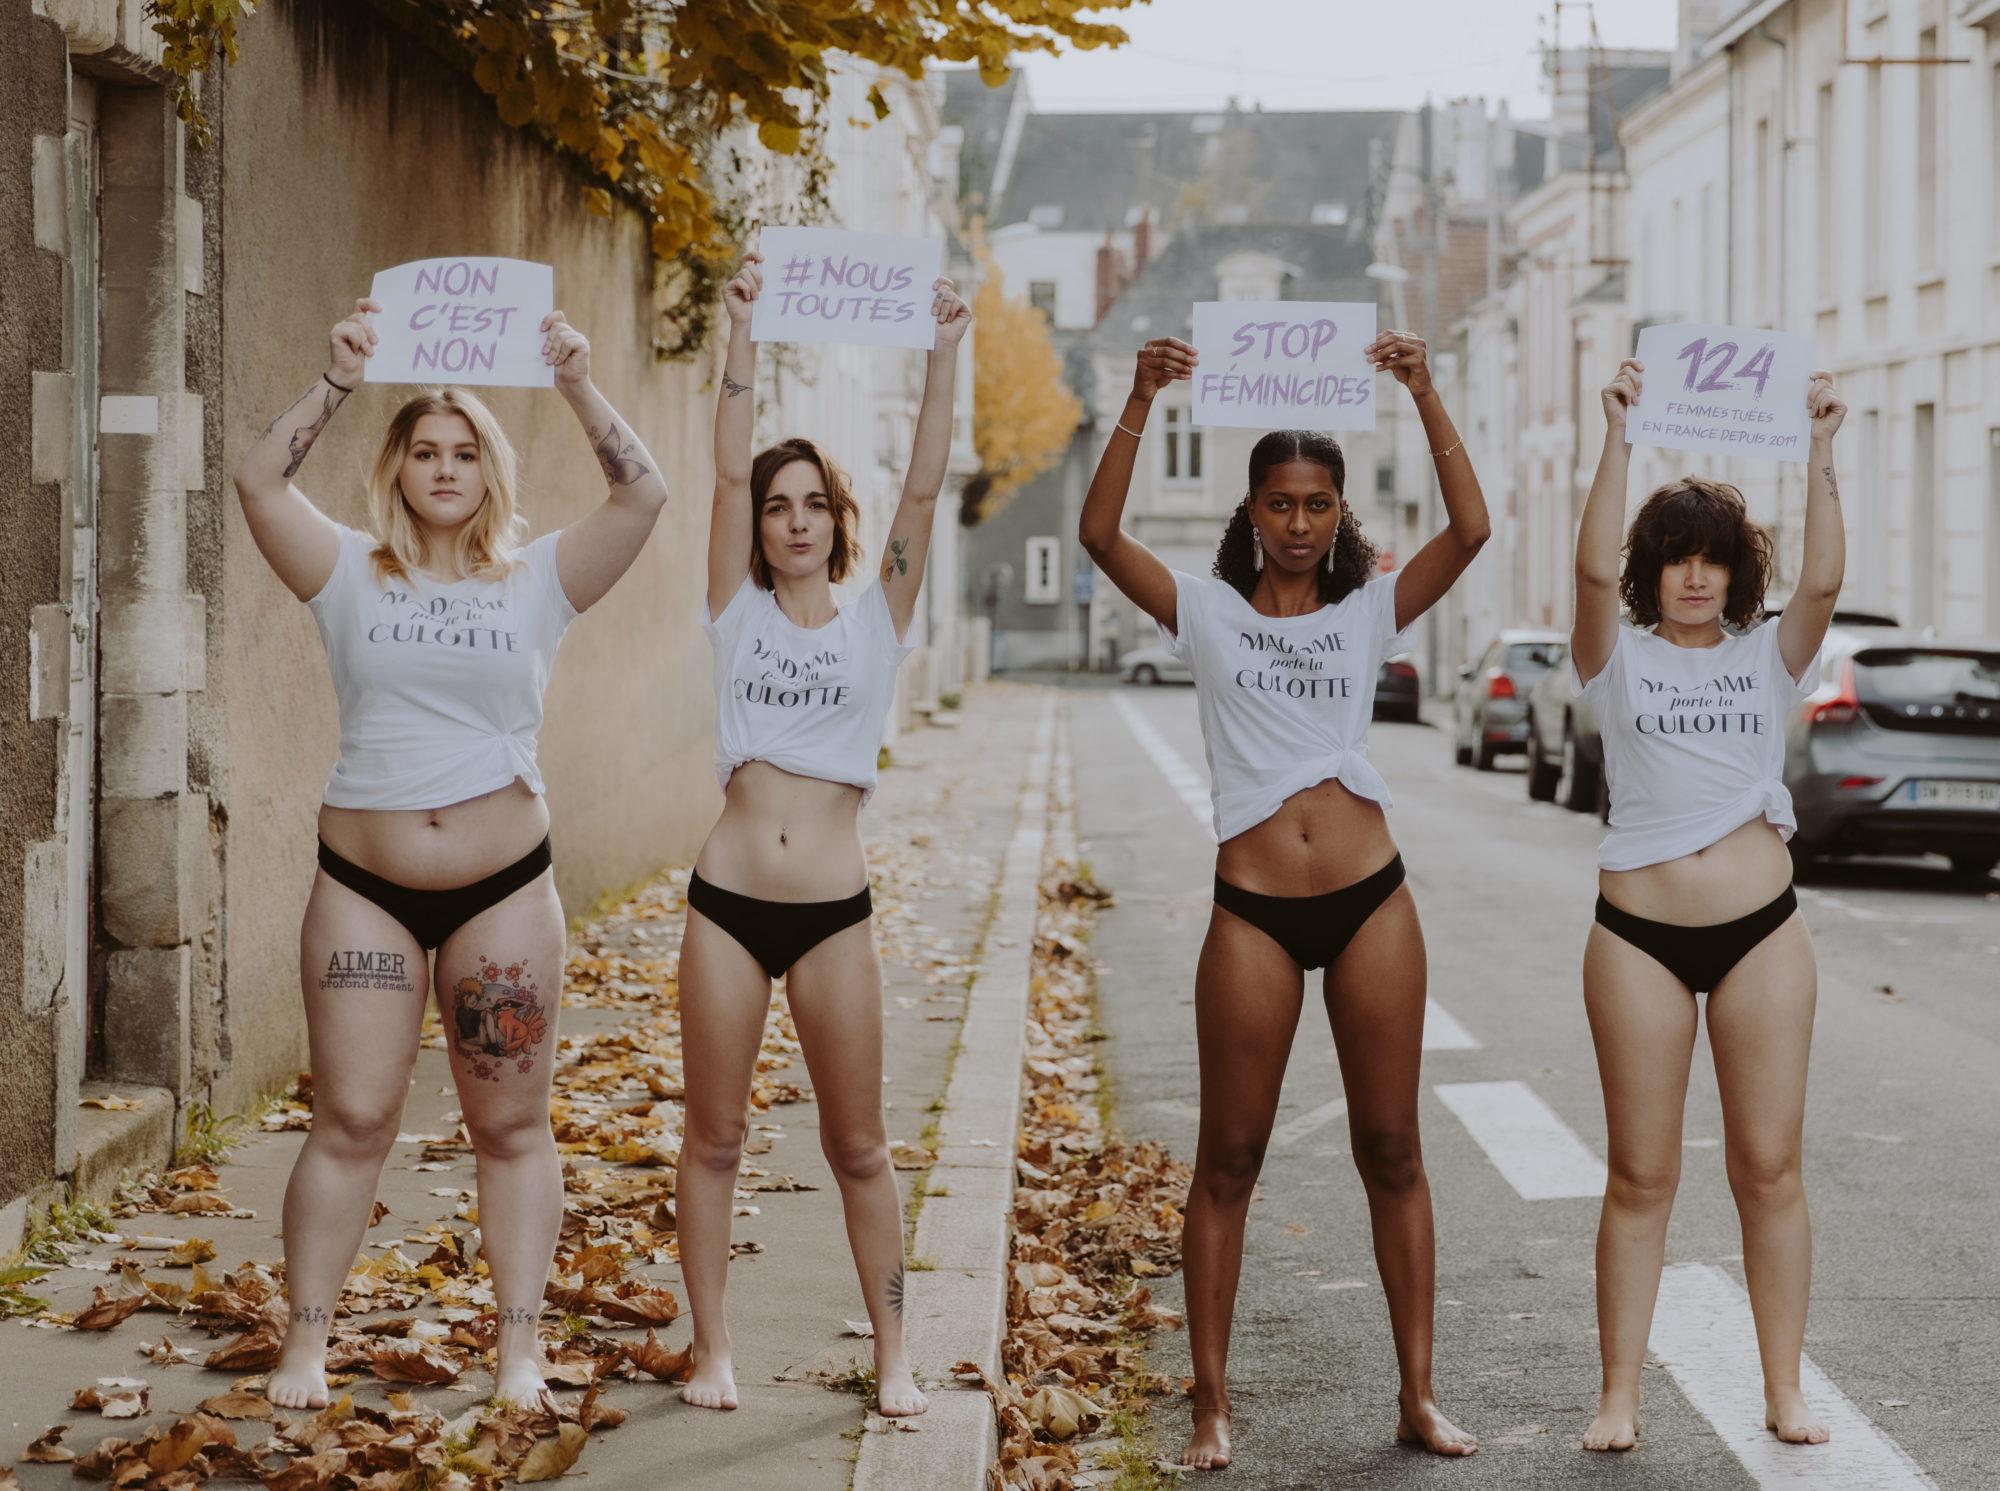 Découvrez notre culotte noire contre les violences faites aux femmes